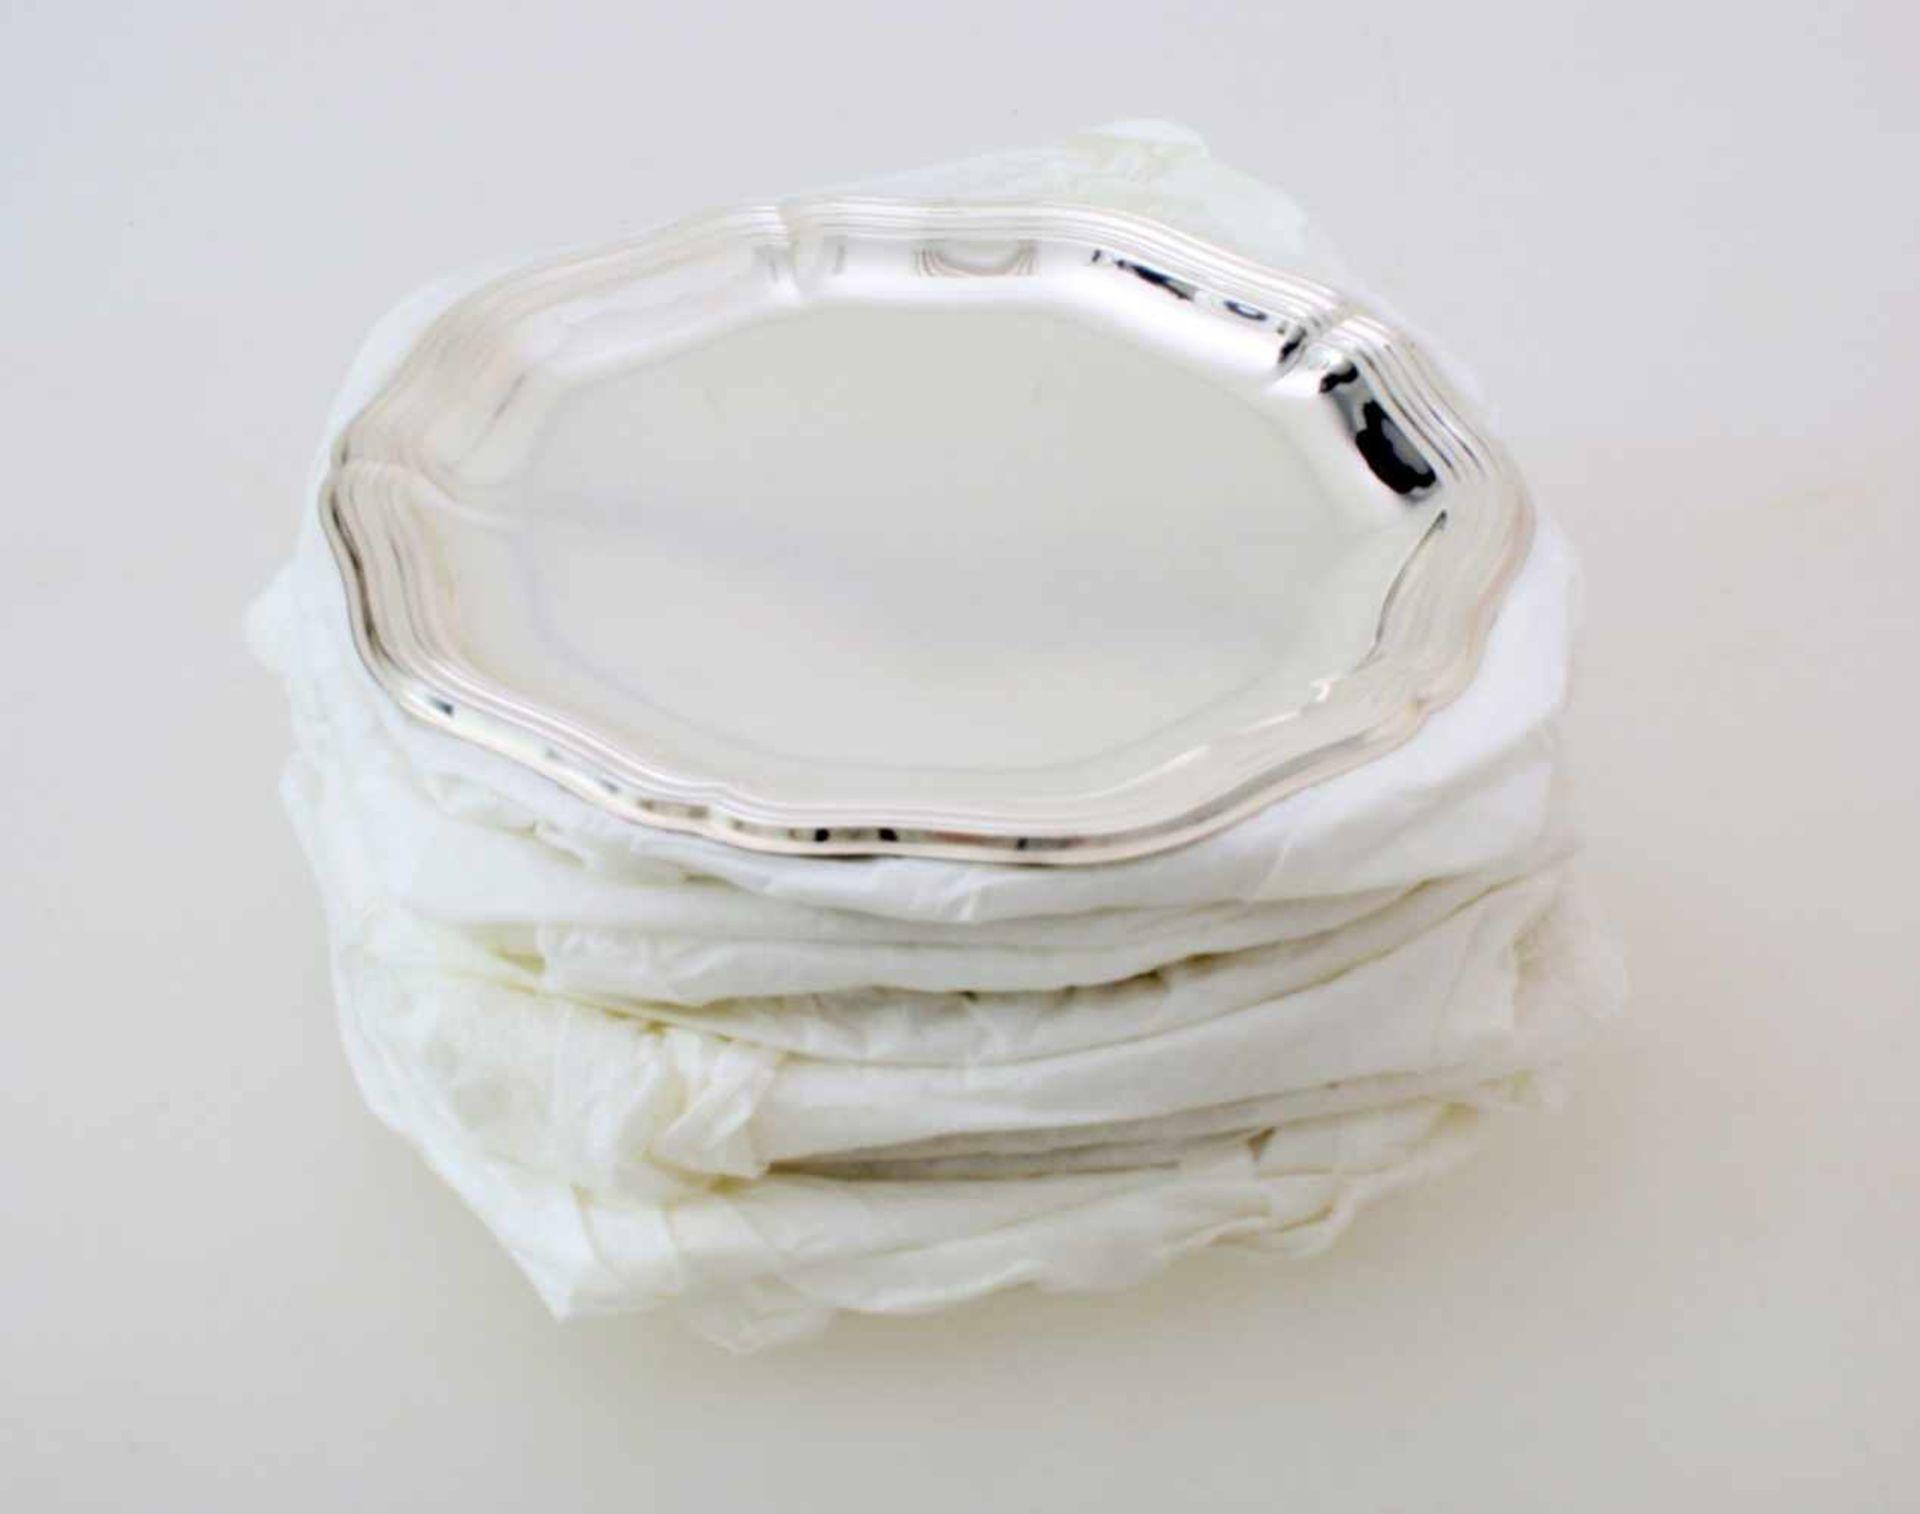 12 Silberteller925er Silber, mehrpassiger und kannelierter Rand, unbenutzt, Ø 18 cm, Gew. zus.: 1980